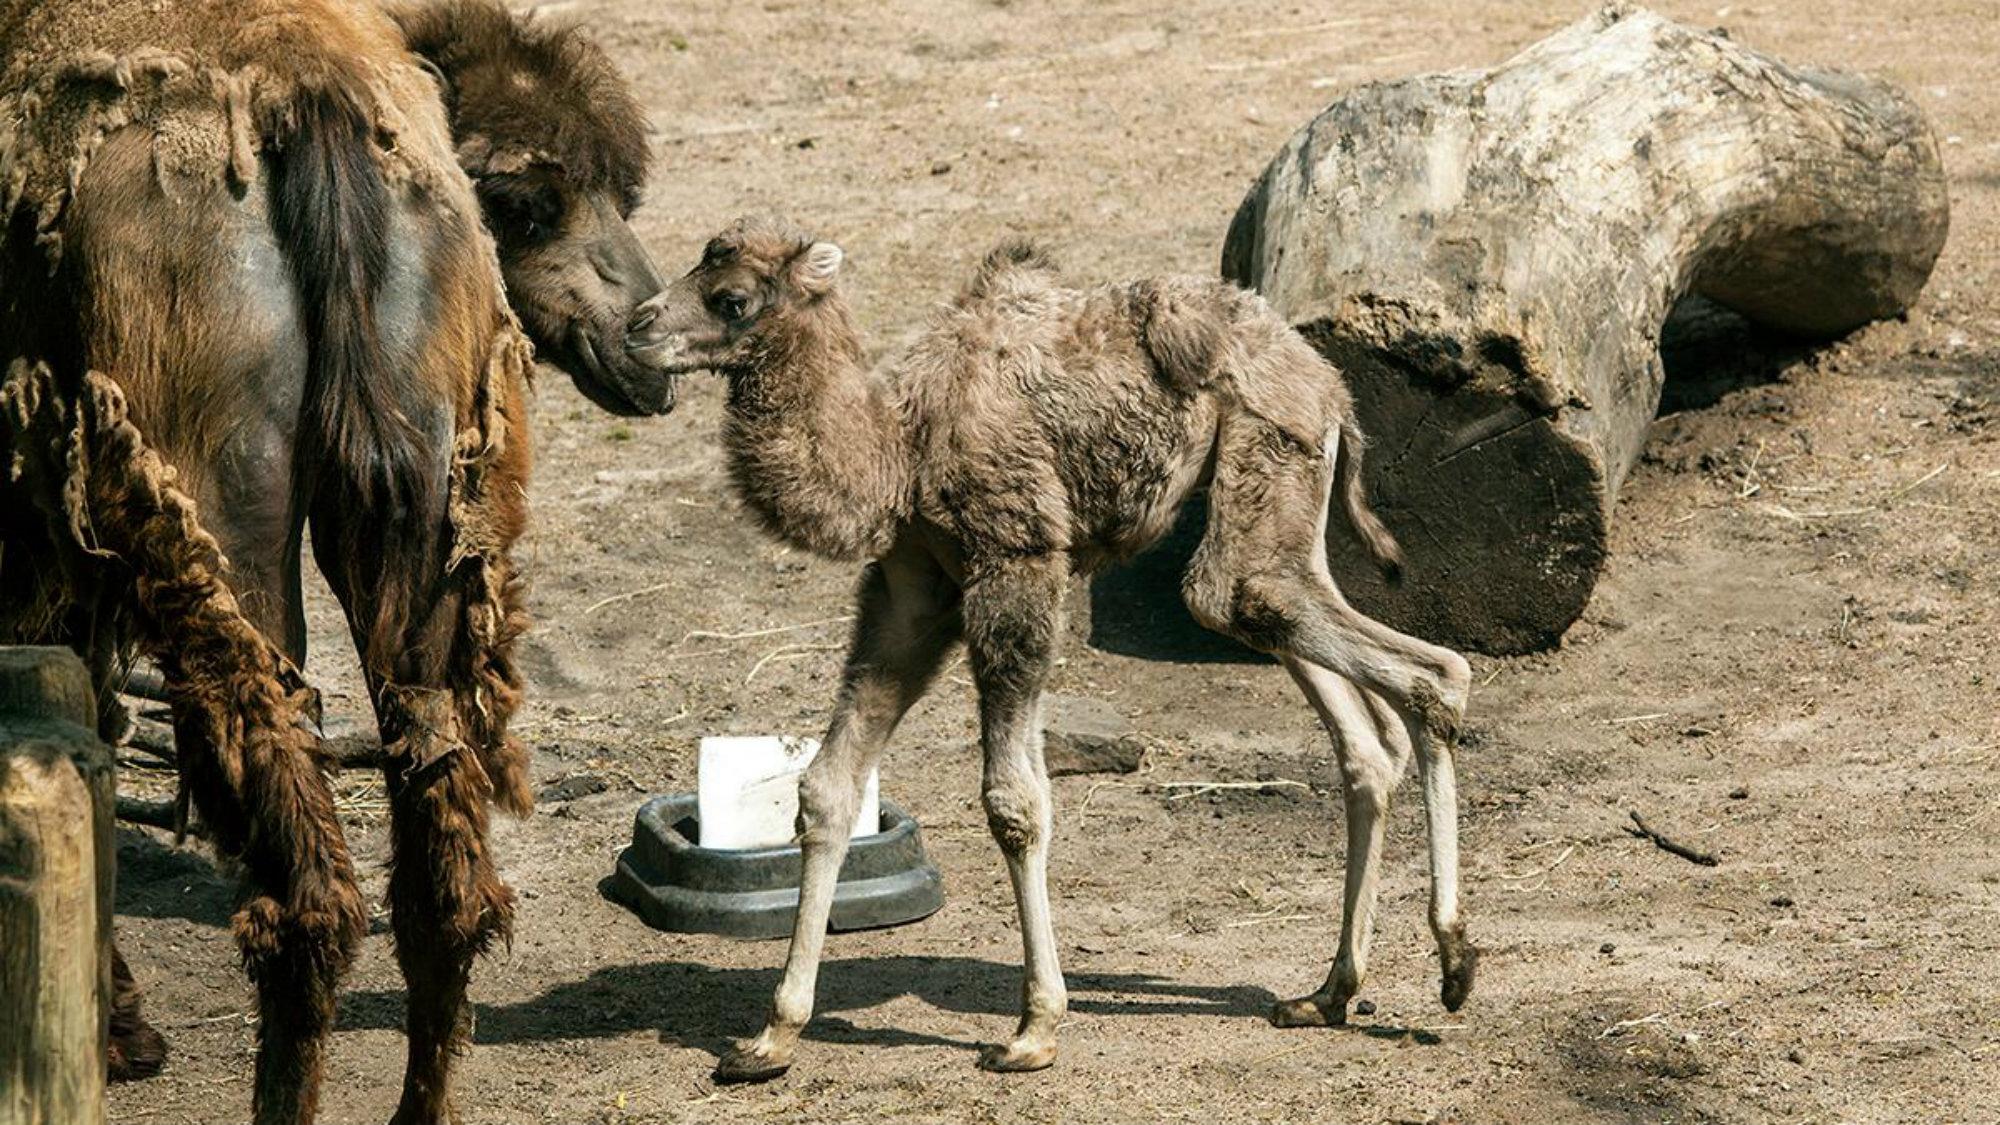 Bactrian camel calf Alexander Camelton of the Lincoln Park Zoo, Chicago.